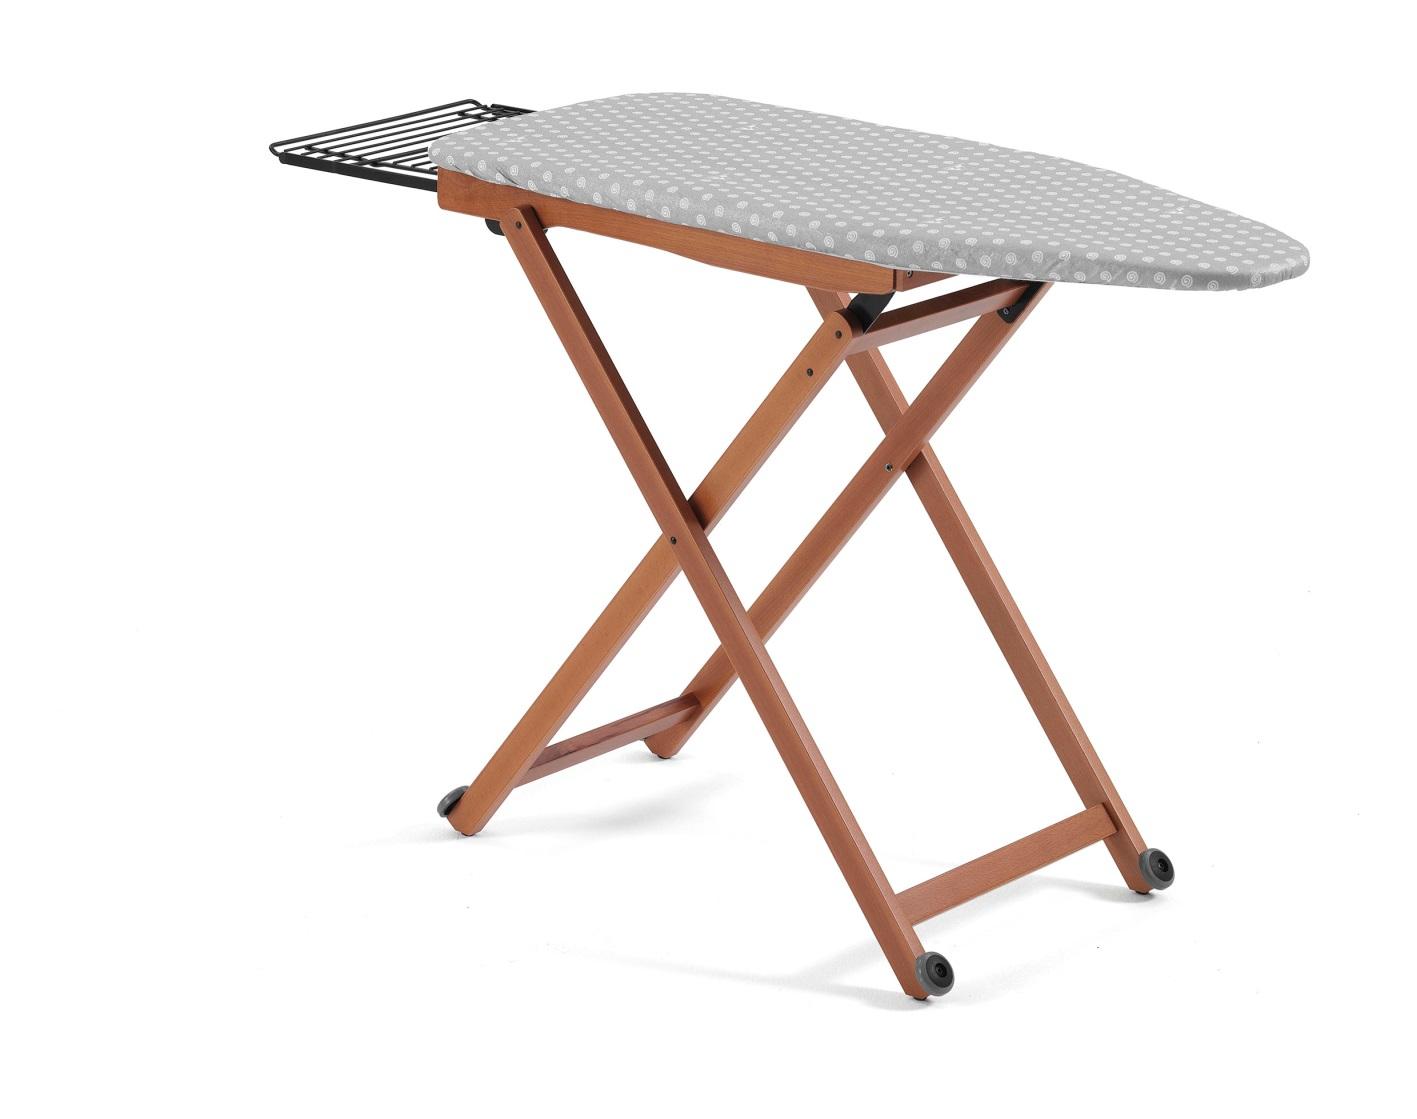 Импортный итальянский DLAC домой сложить горячей одежда арматура дерево один рабочий стол железо вешалка железо одежда